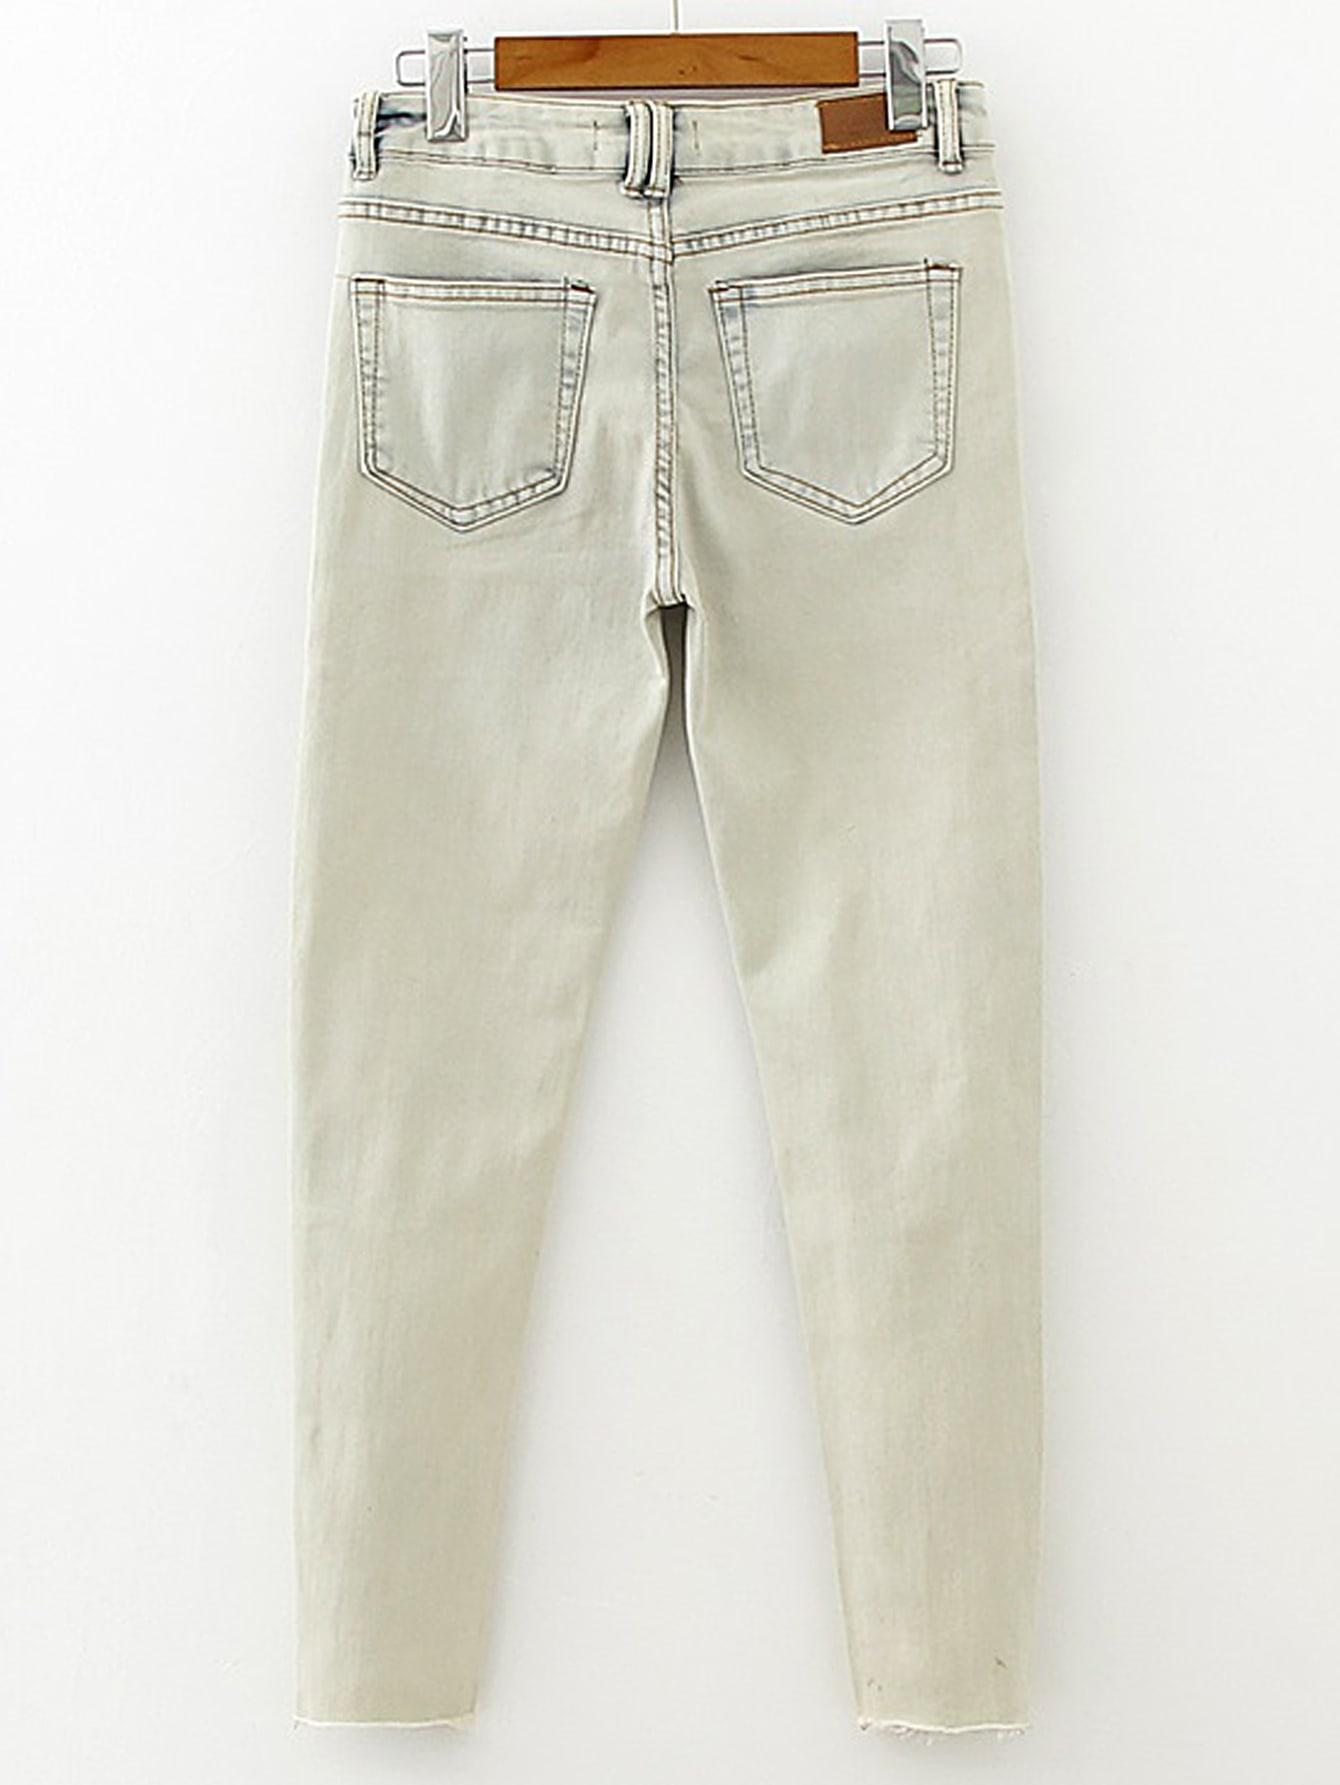 pants170427201_2